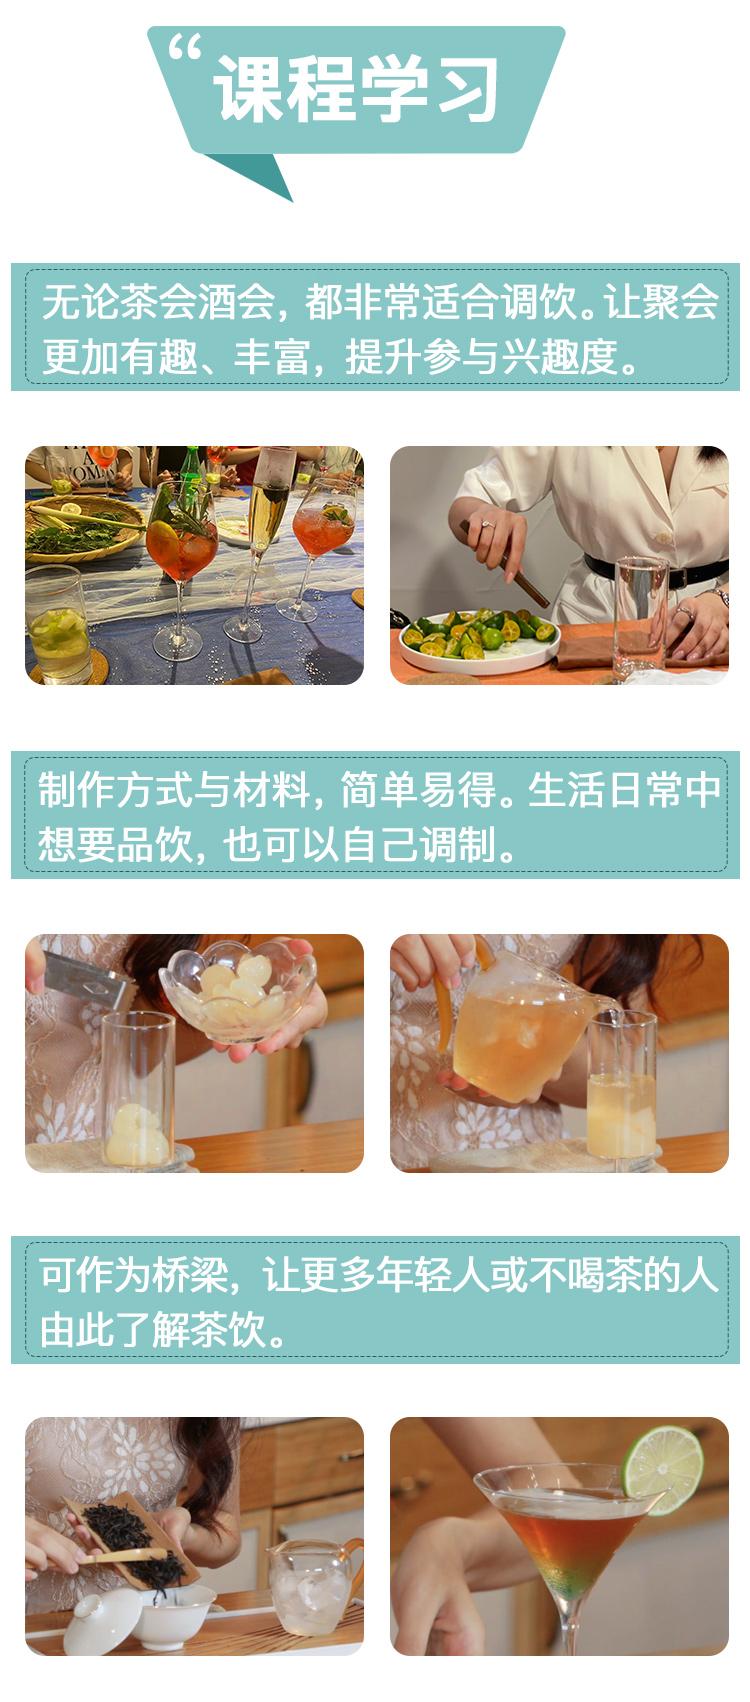 茶酒调饮_06